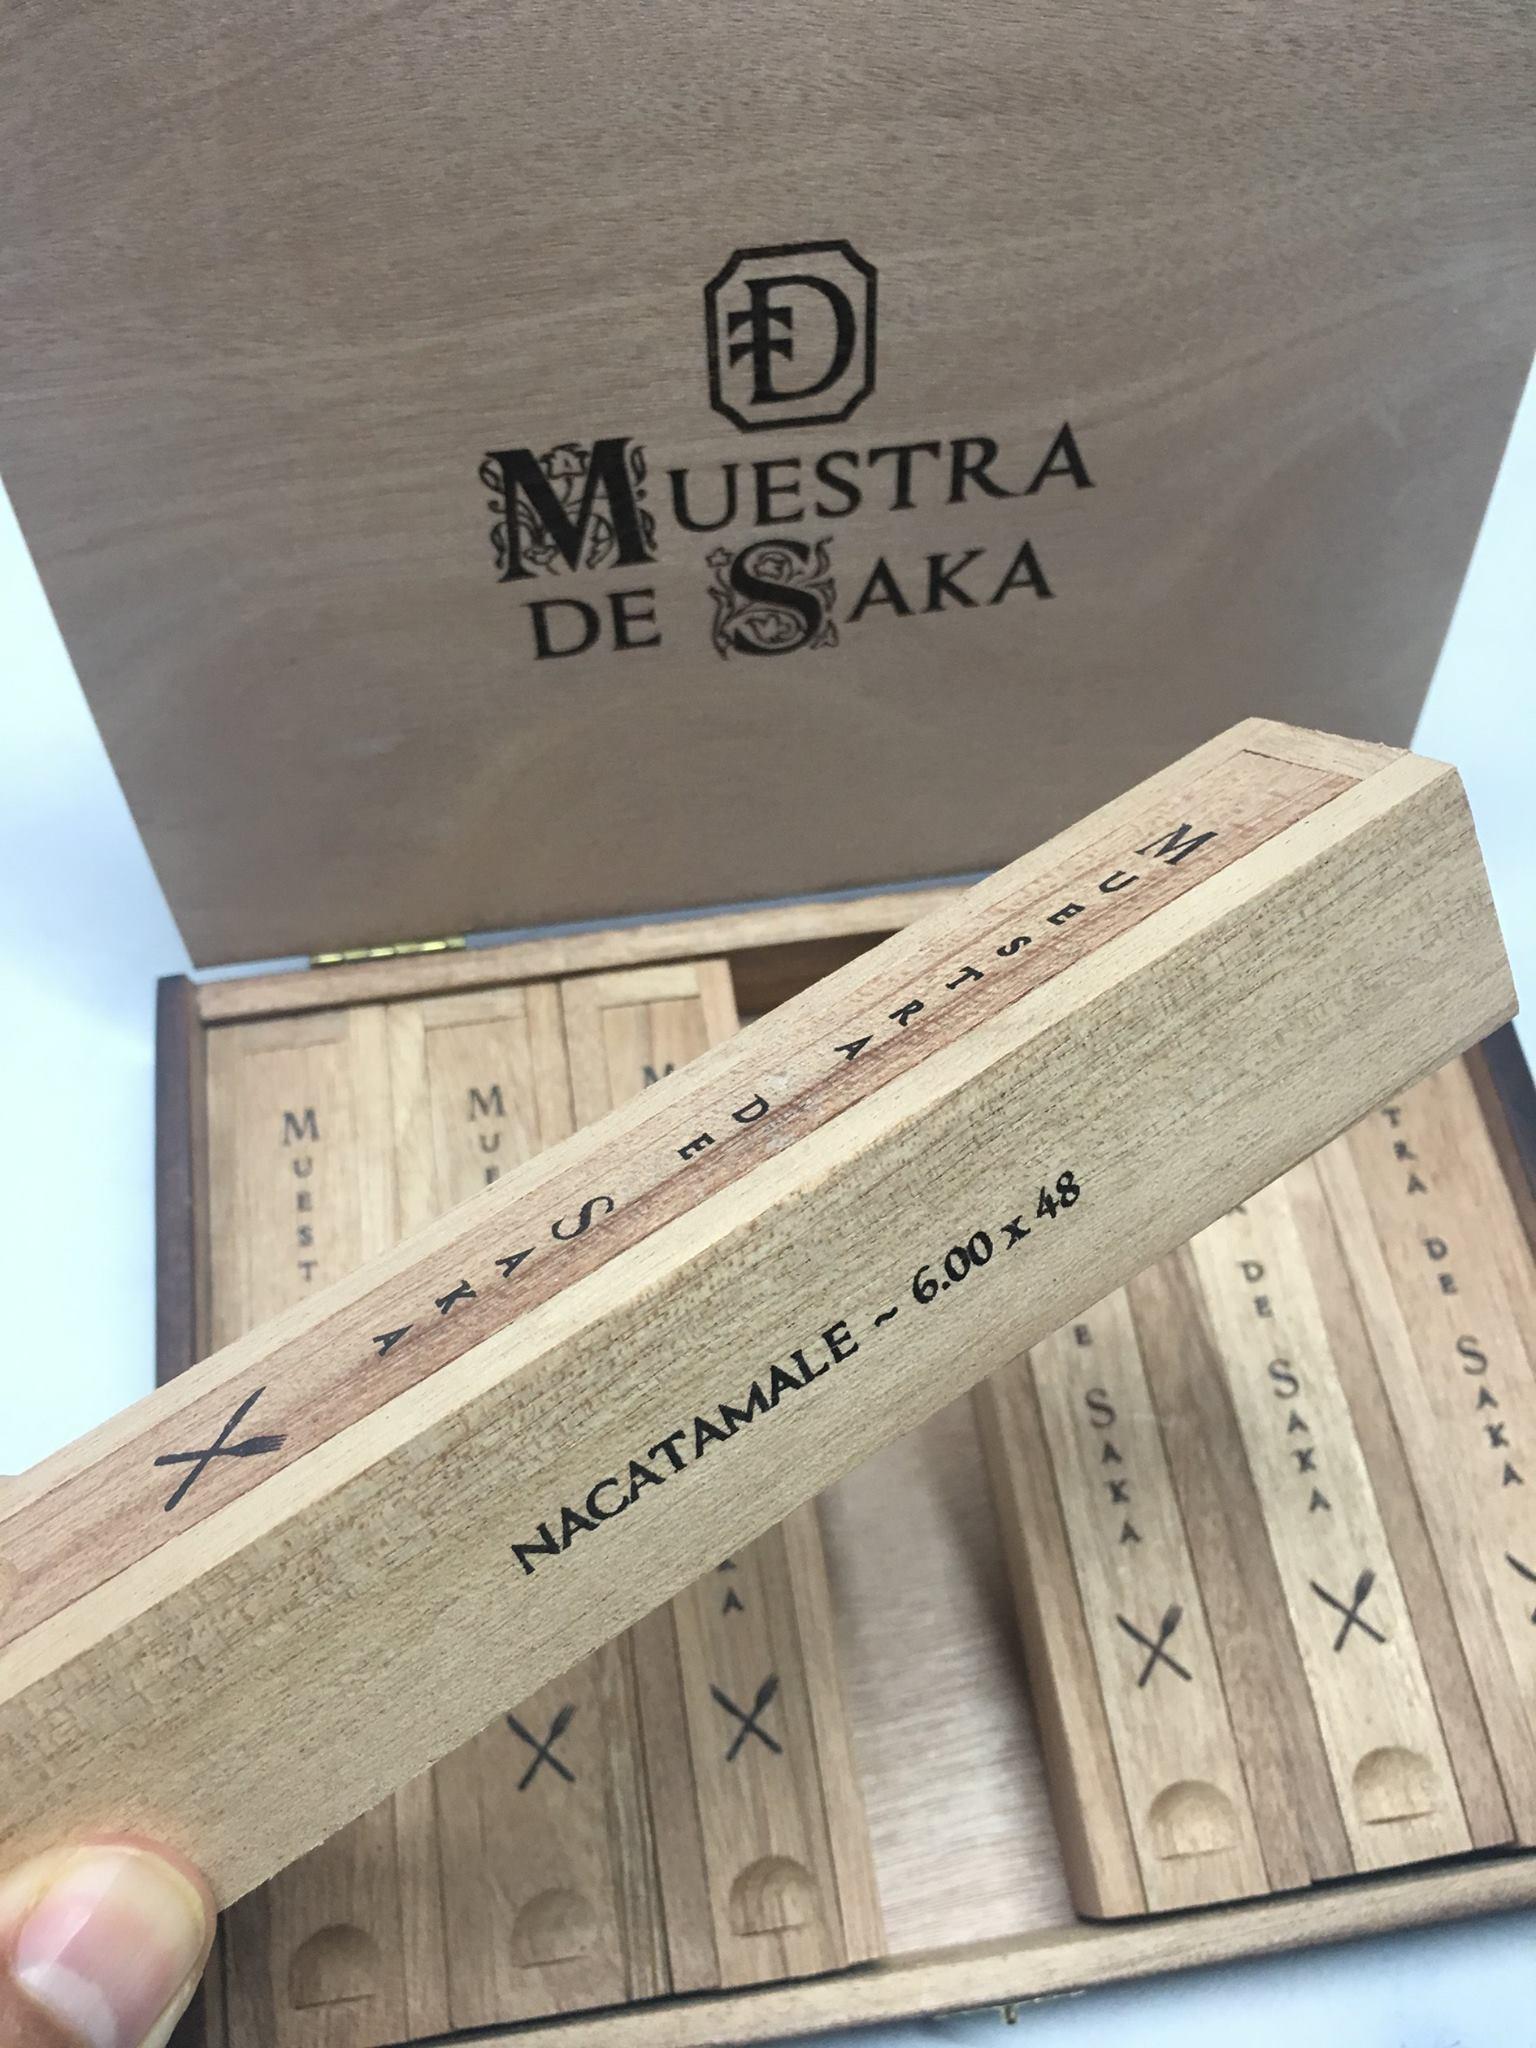 Cigar News: Muestra de Saka Nacatamale Targeted to Land at Retailers in Mid-November